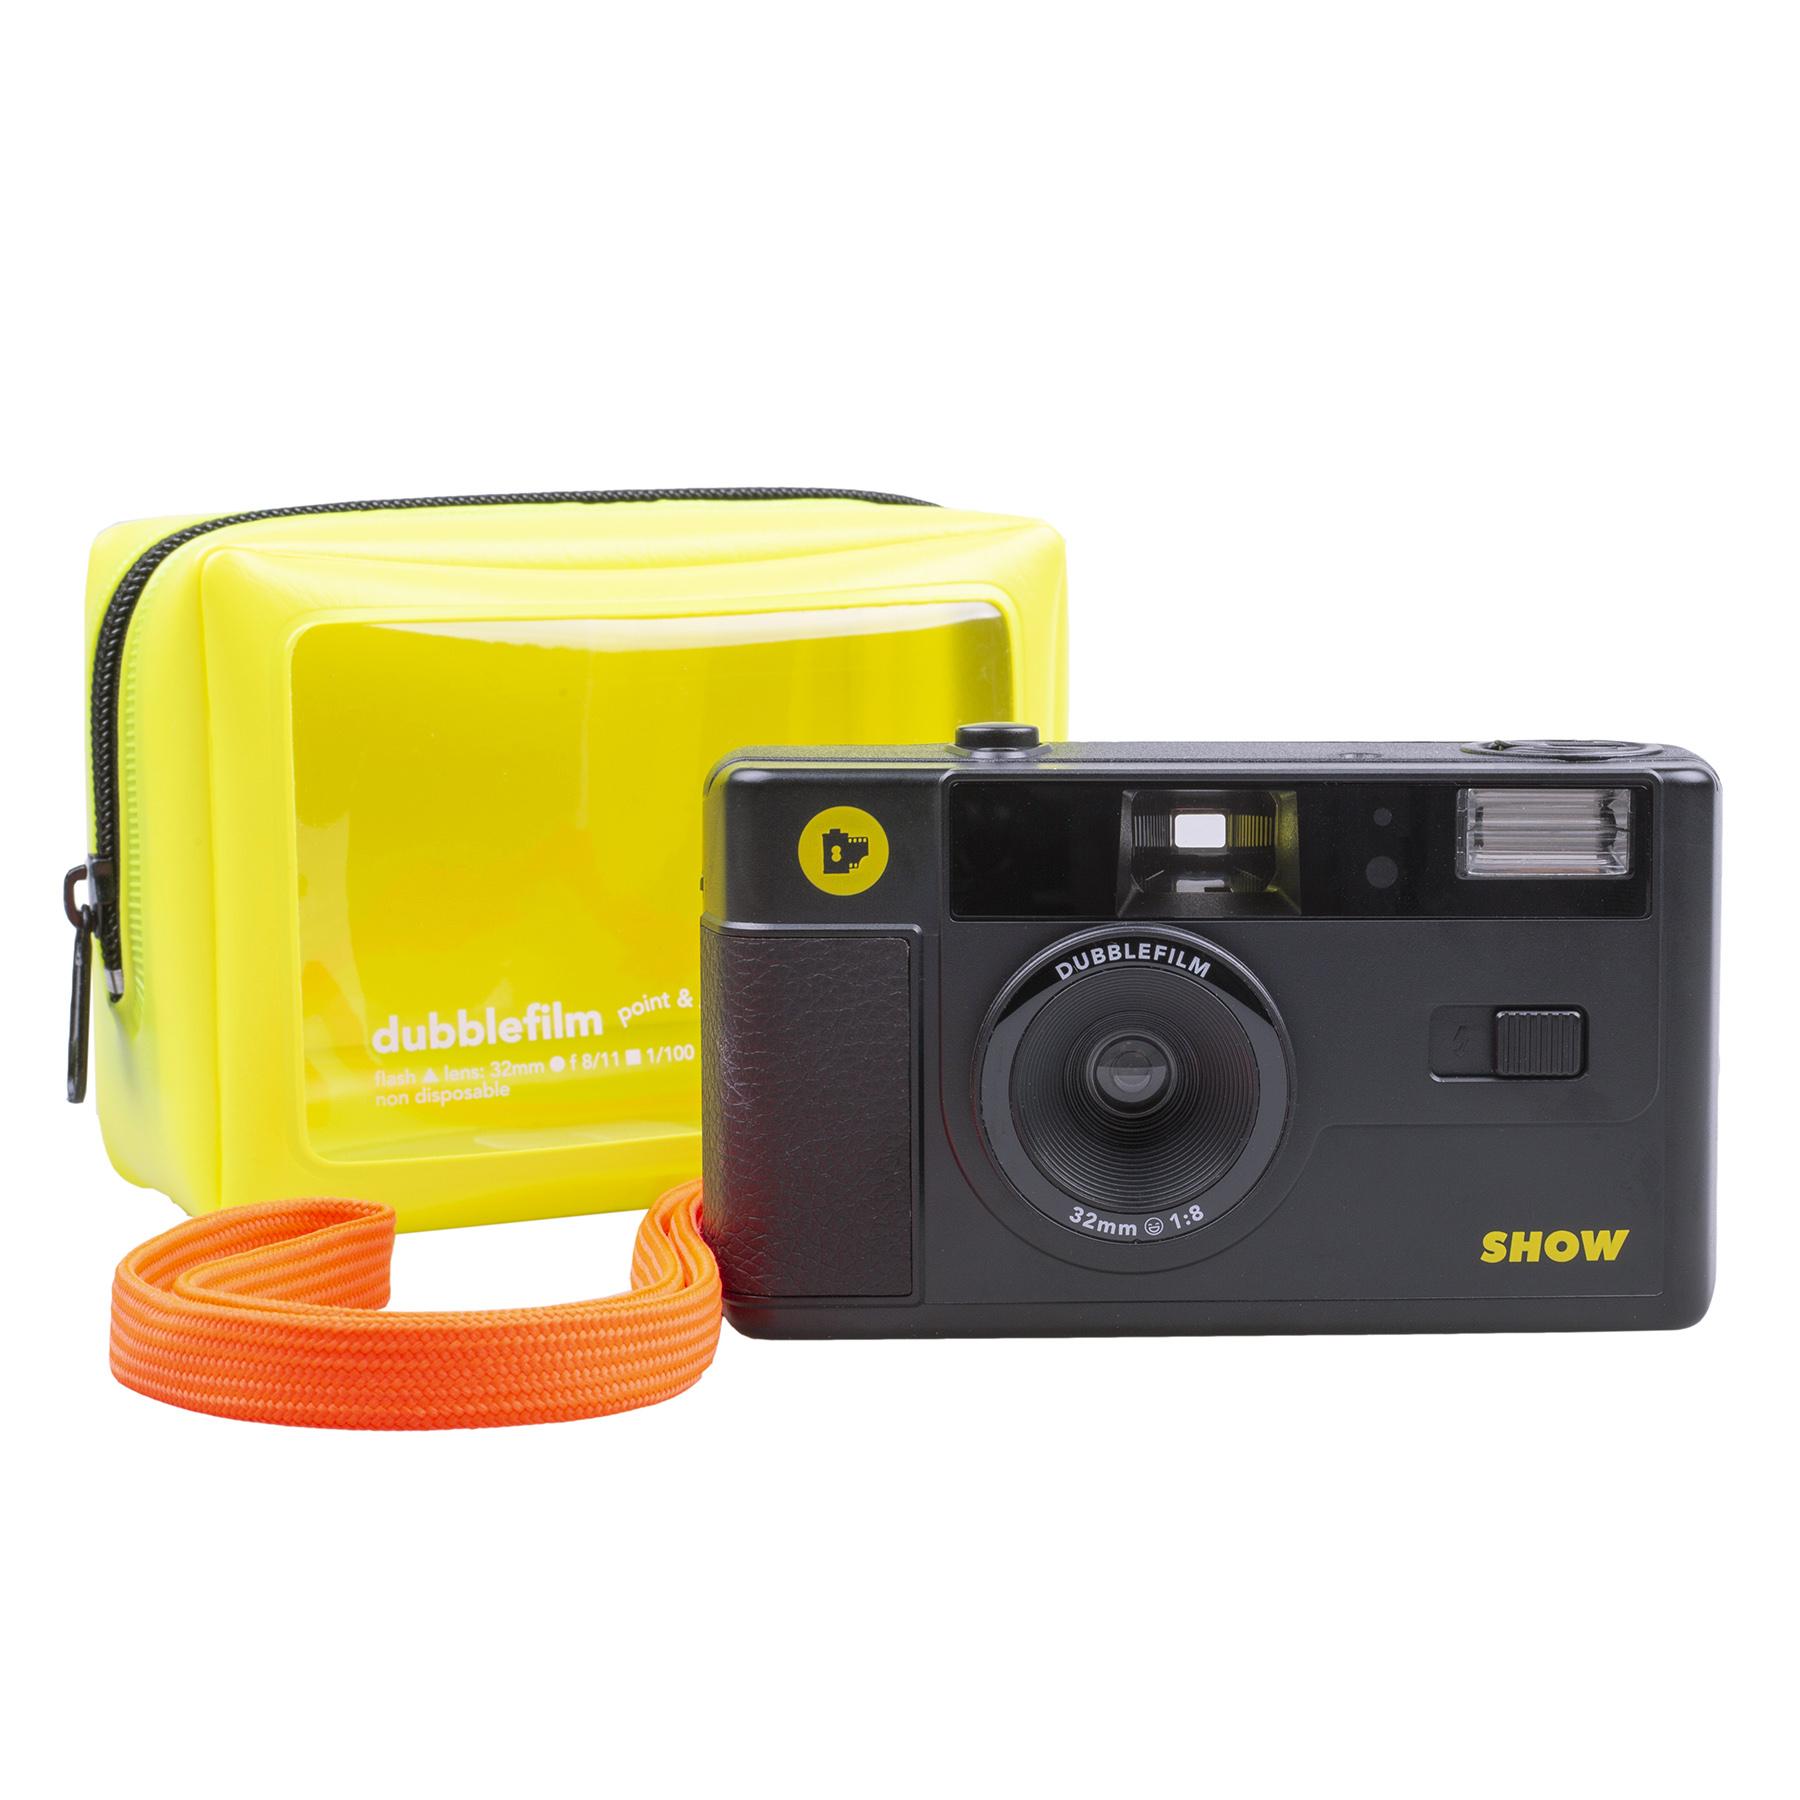 Dubblefilm SHOw and case (Pic: Dubblefilm)